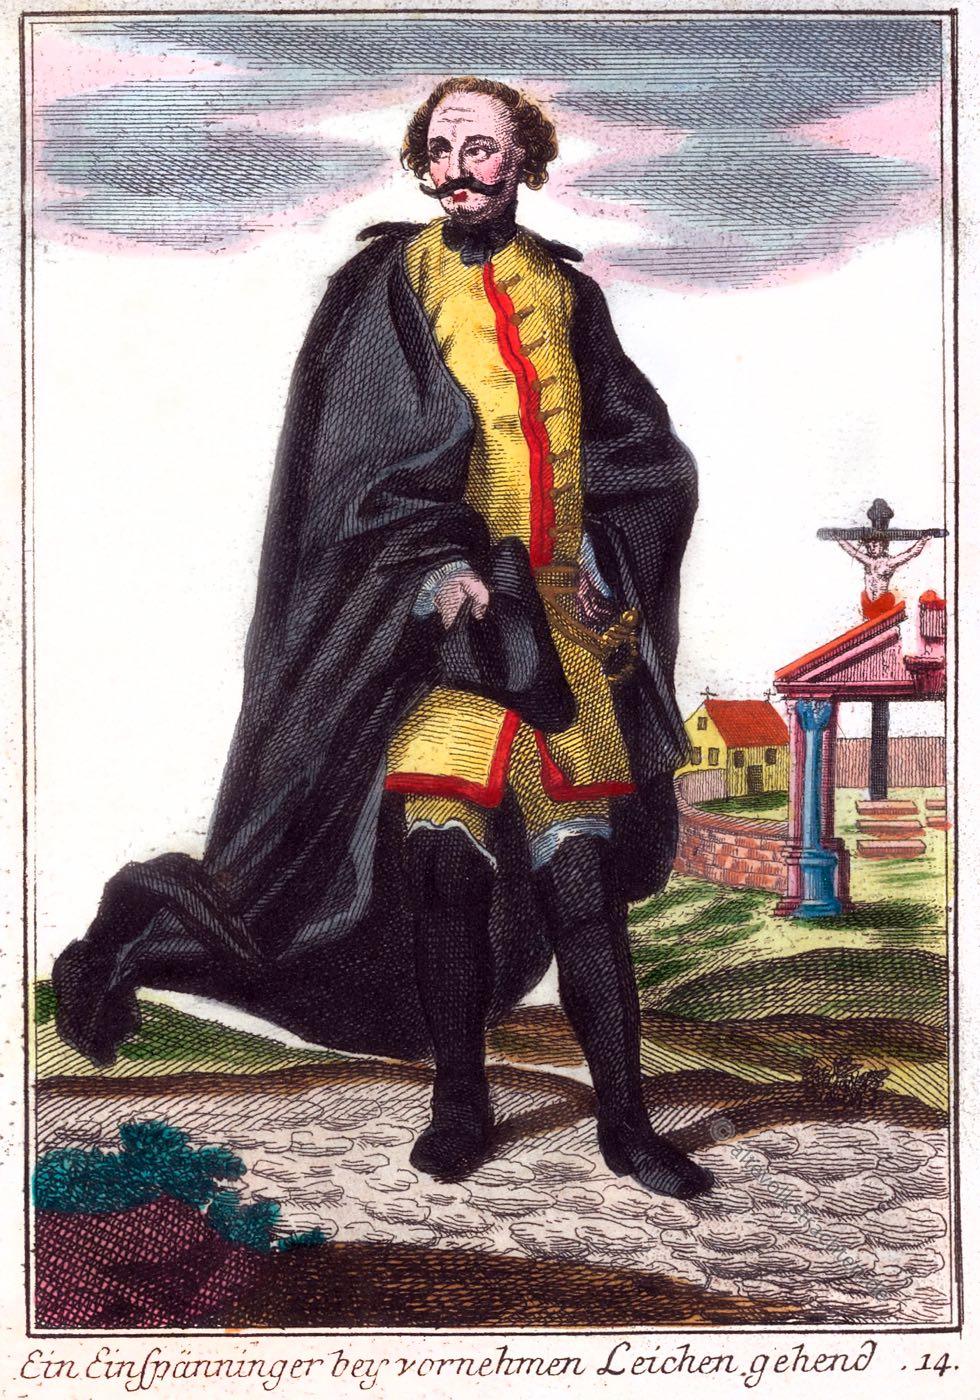 Einspänner, Leichenprediger, Barock, Nürnberg, Kleidung, Kostüm